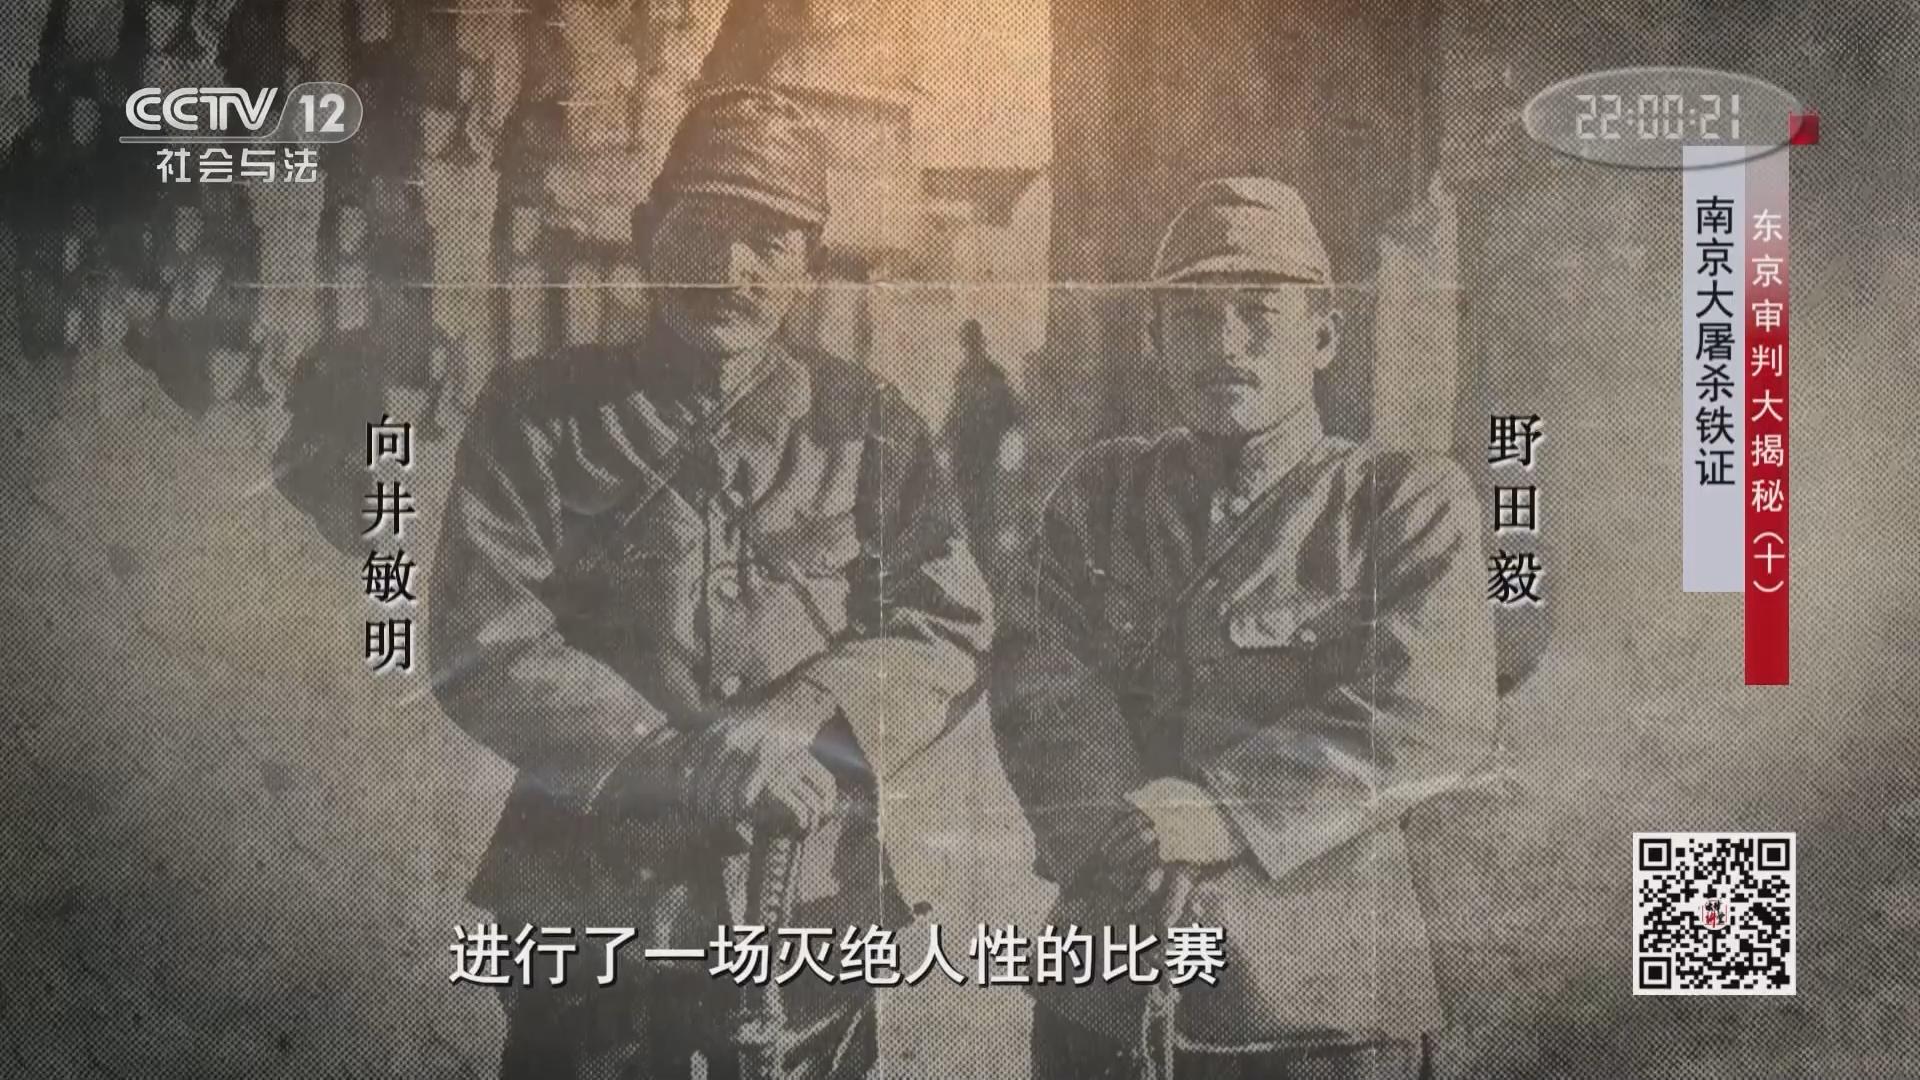 《法律讲堂(文史版)》 20210917 东京审判大揭秘(十)南京大屠杀铁证